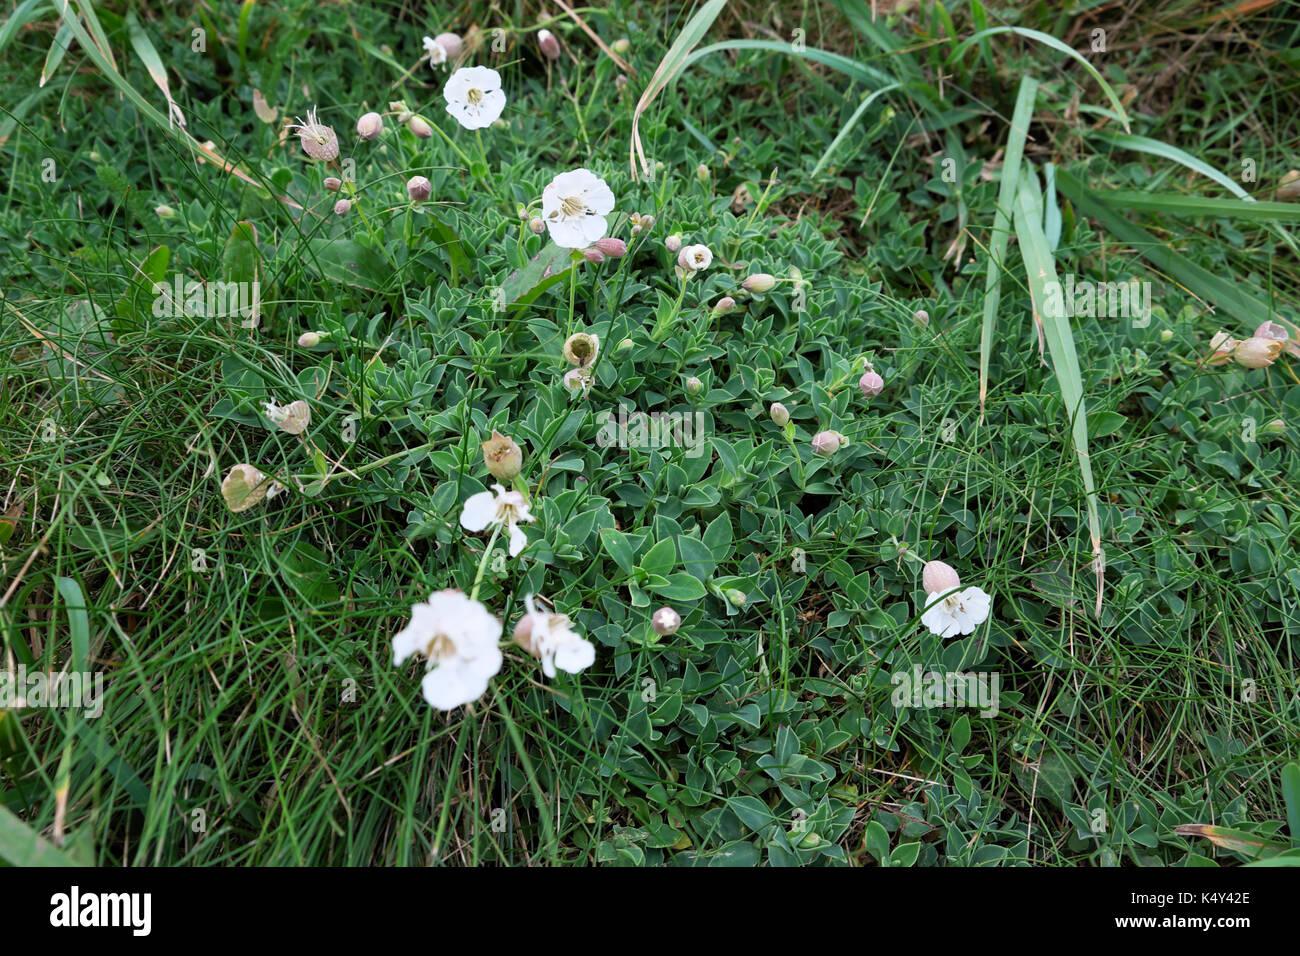 Sea Campion Or Silene Uniflora Low Growing White Wildflower Growing